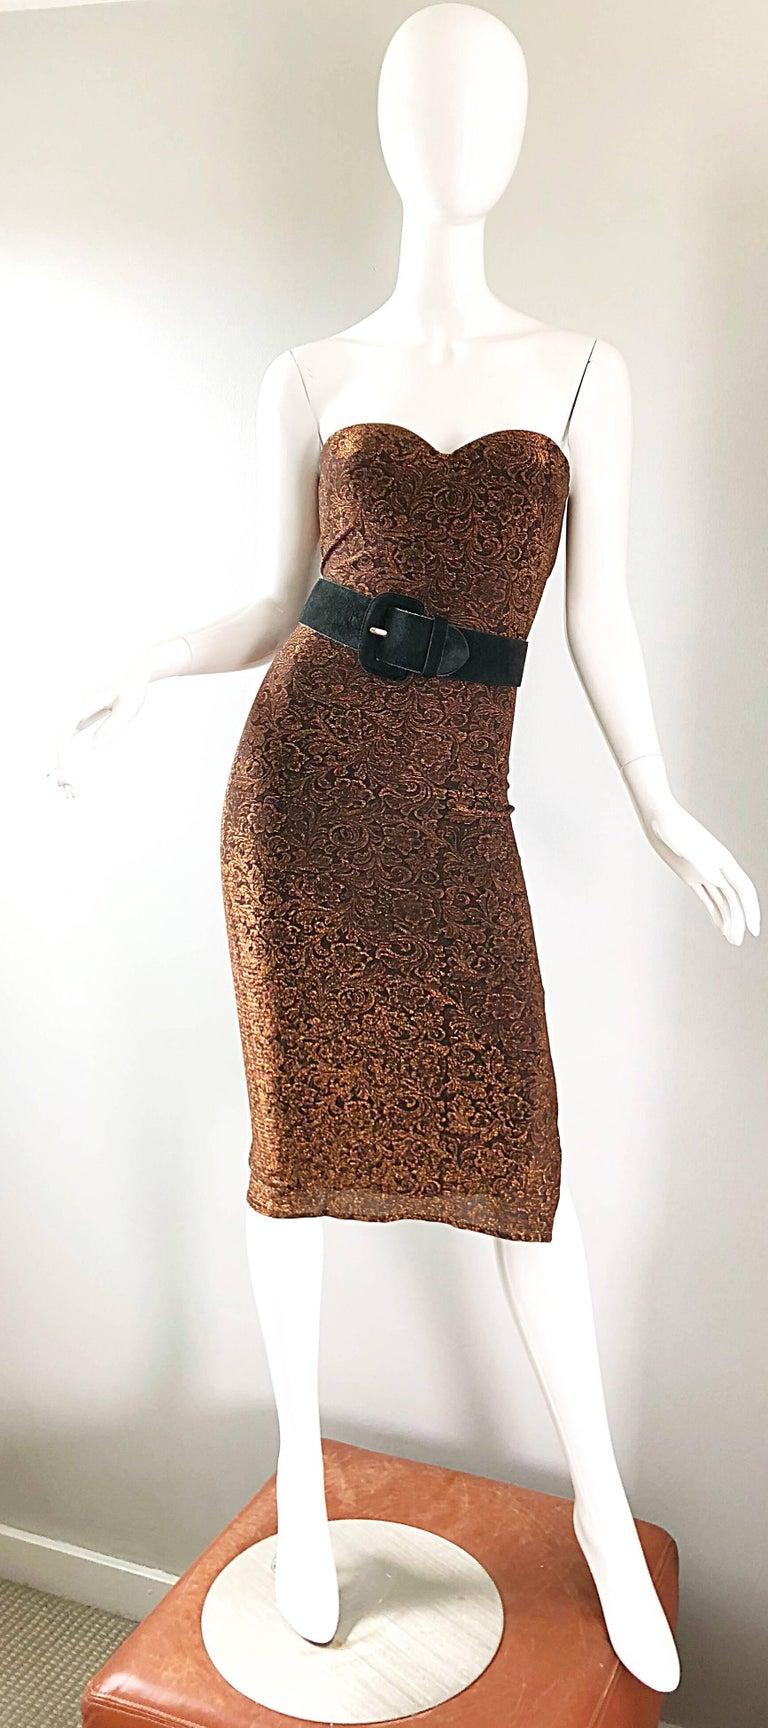 1990s Eletra Casadei Sexy Metallic Bronze / Gold Bodycon Convertible Strap Dress For Sale 7